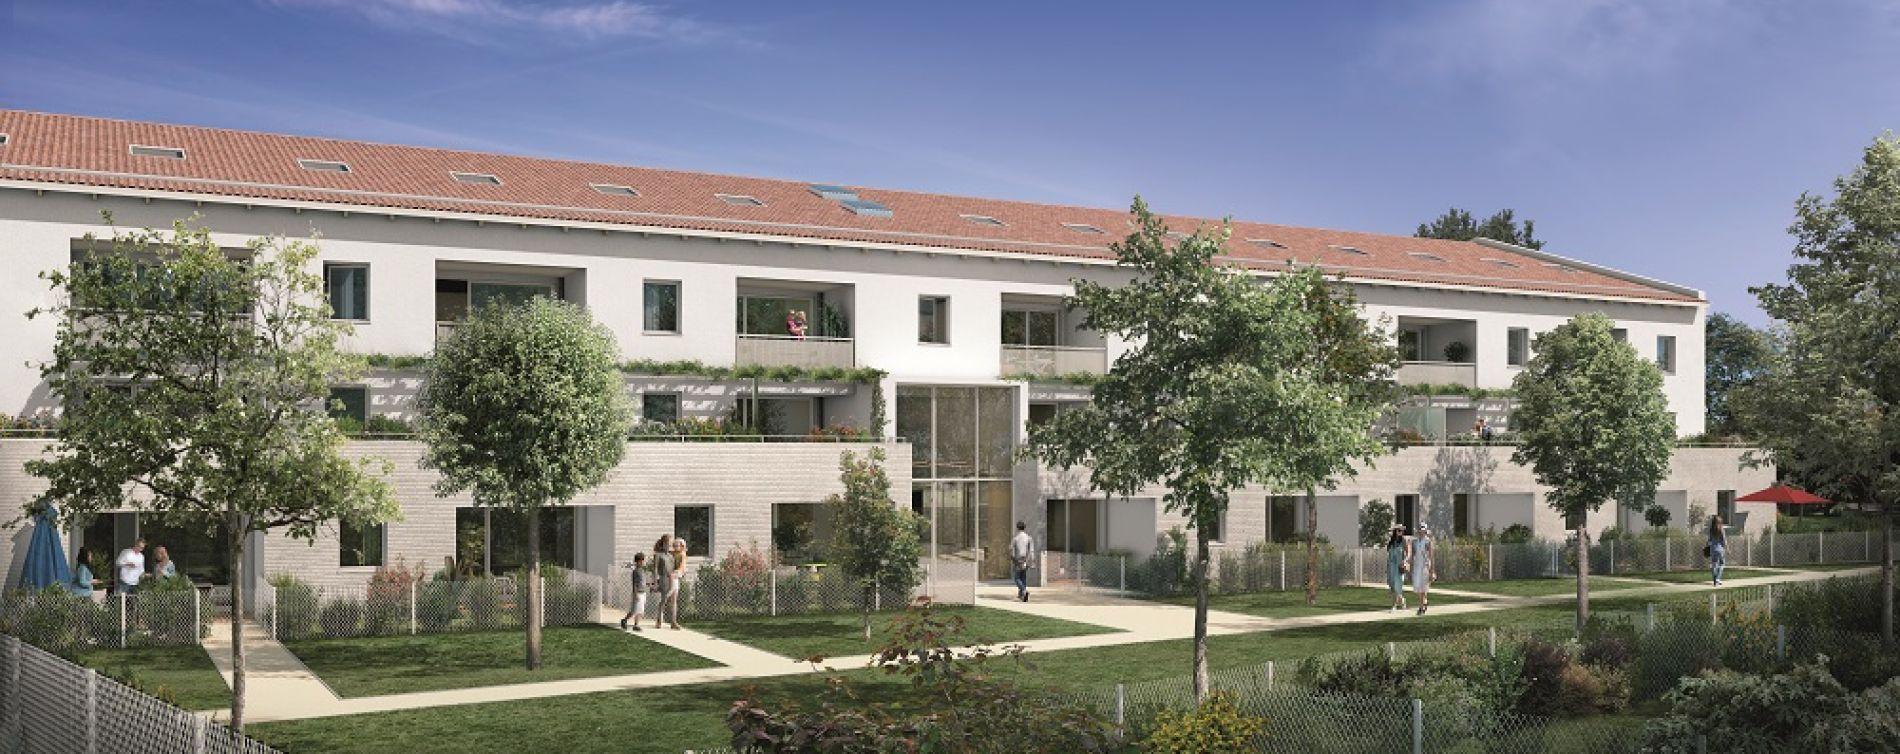 Résidence Domaine d'Ophélia à Saint-Jory